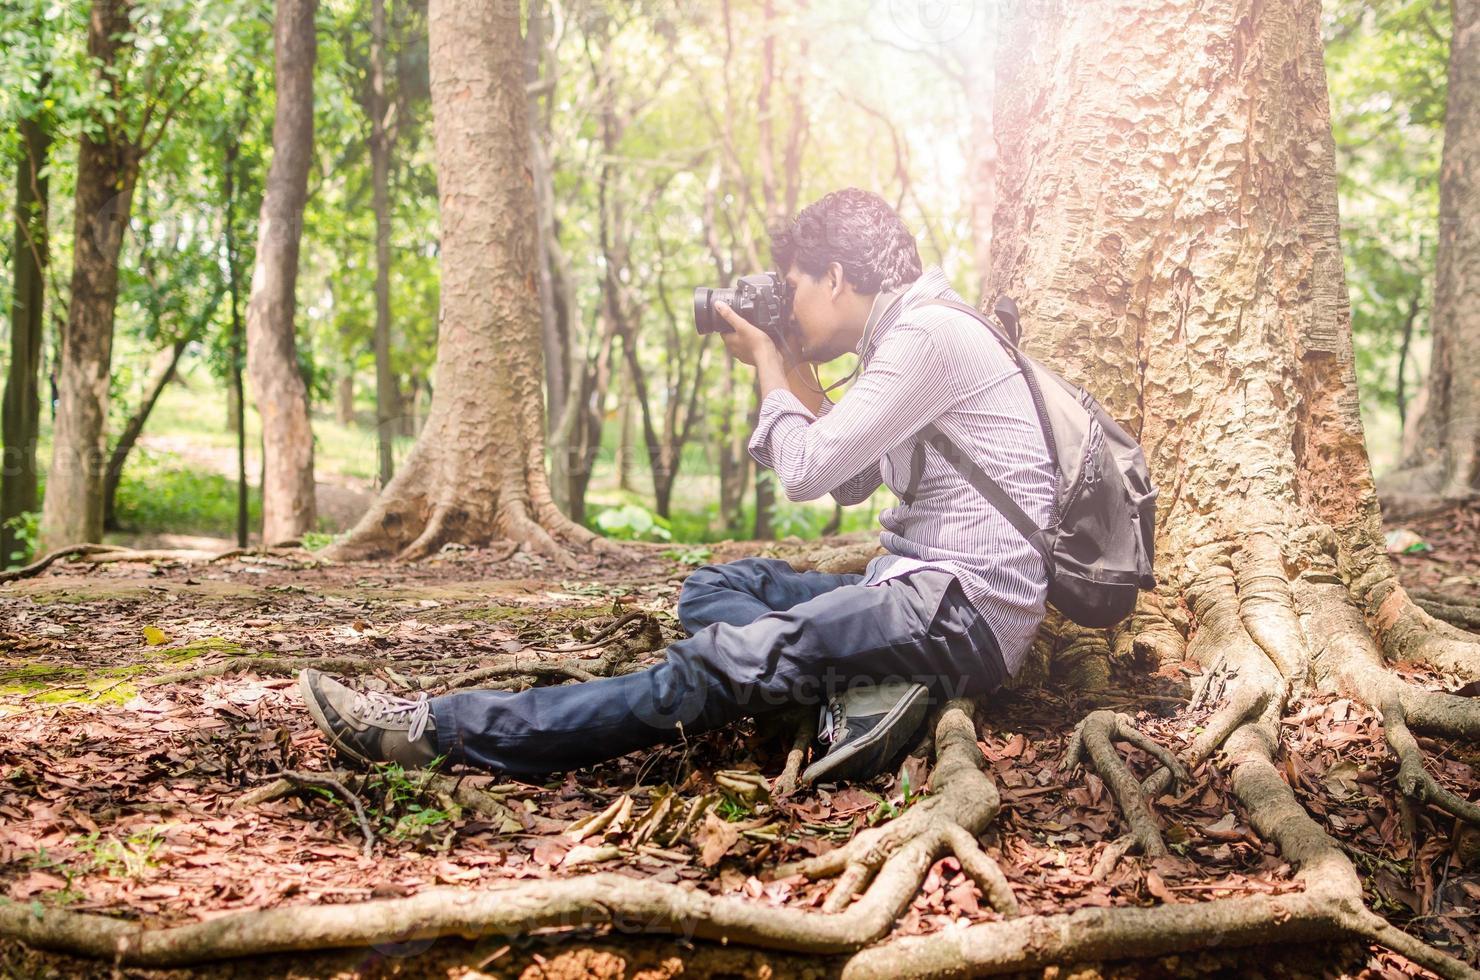 fotograaf fotograferen zittend onder een grote boom foto